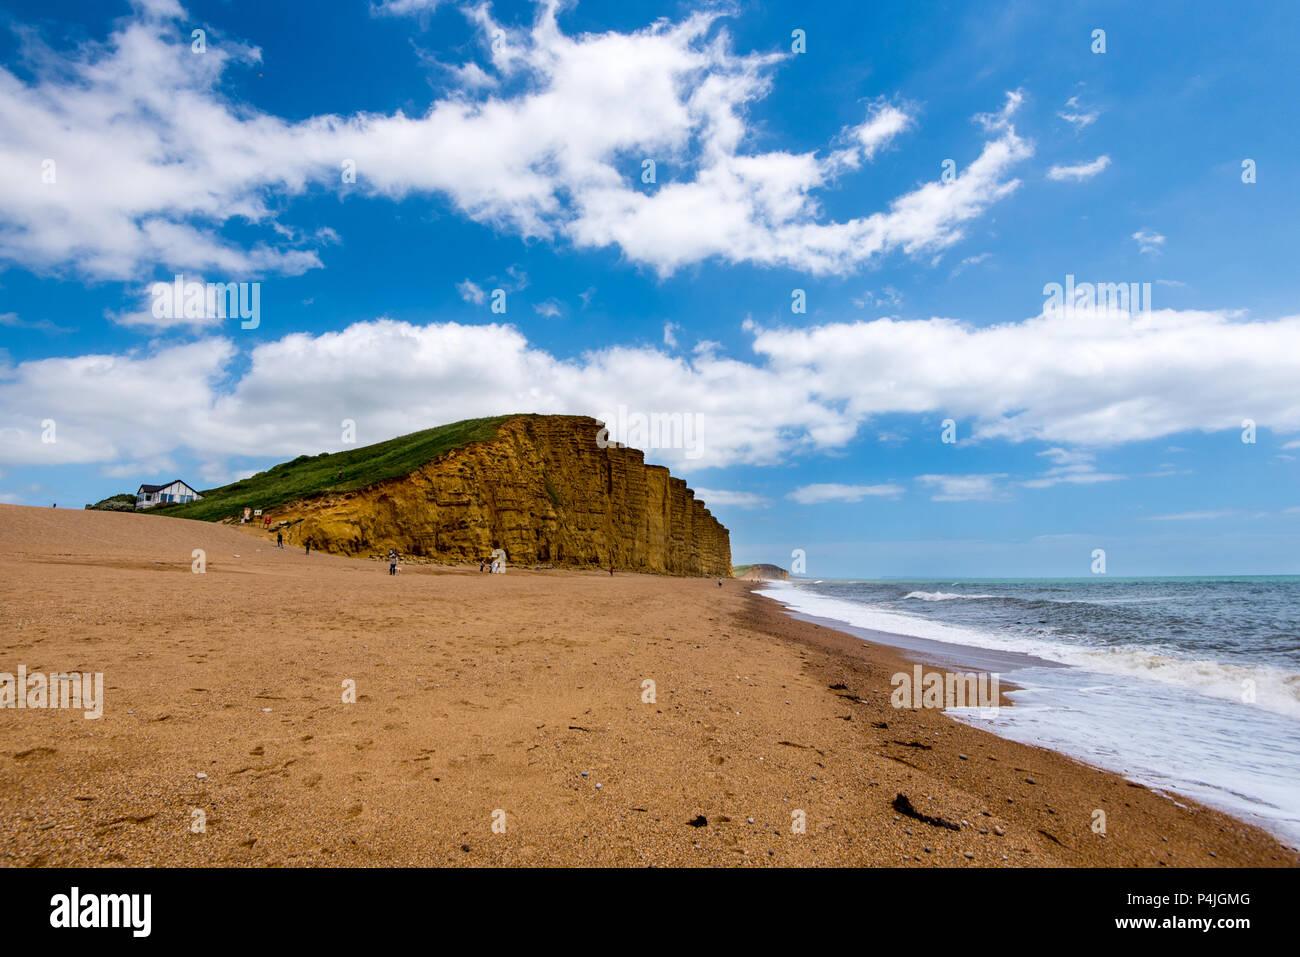 BRIDPORT, DORSET, UK - 6JUN2018: Cliffs at West Bay, near Bridport. - Stock Image